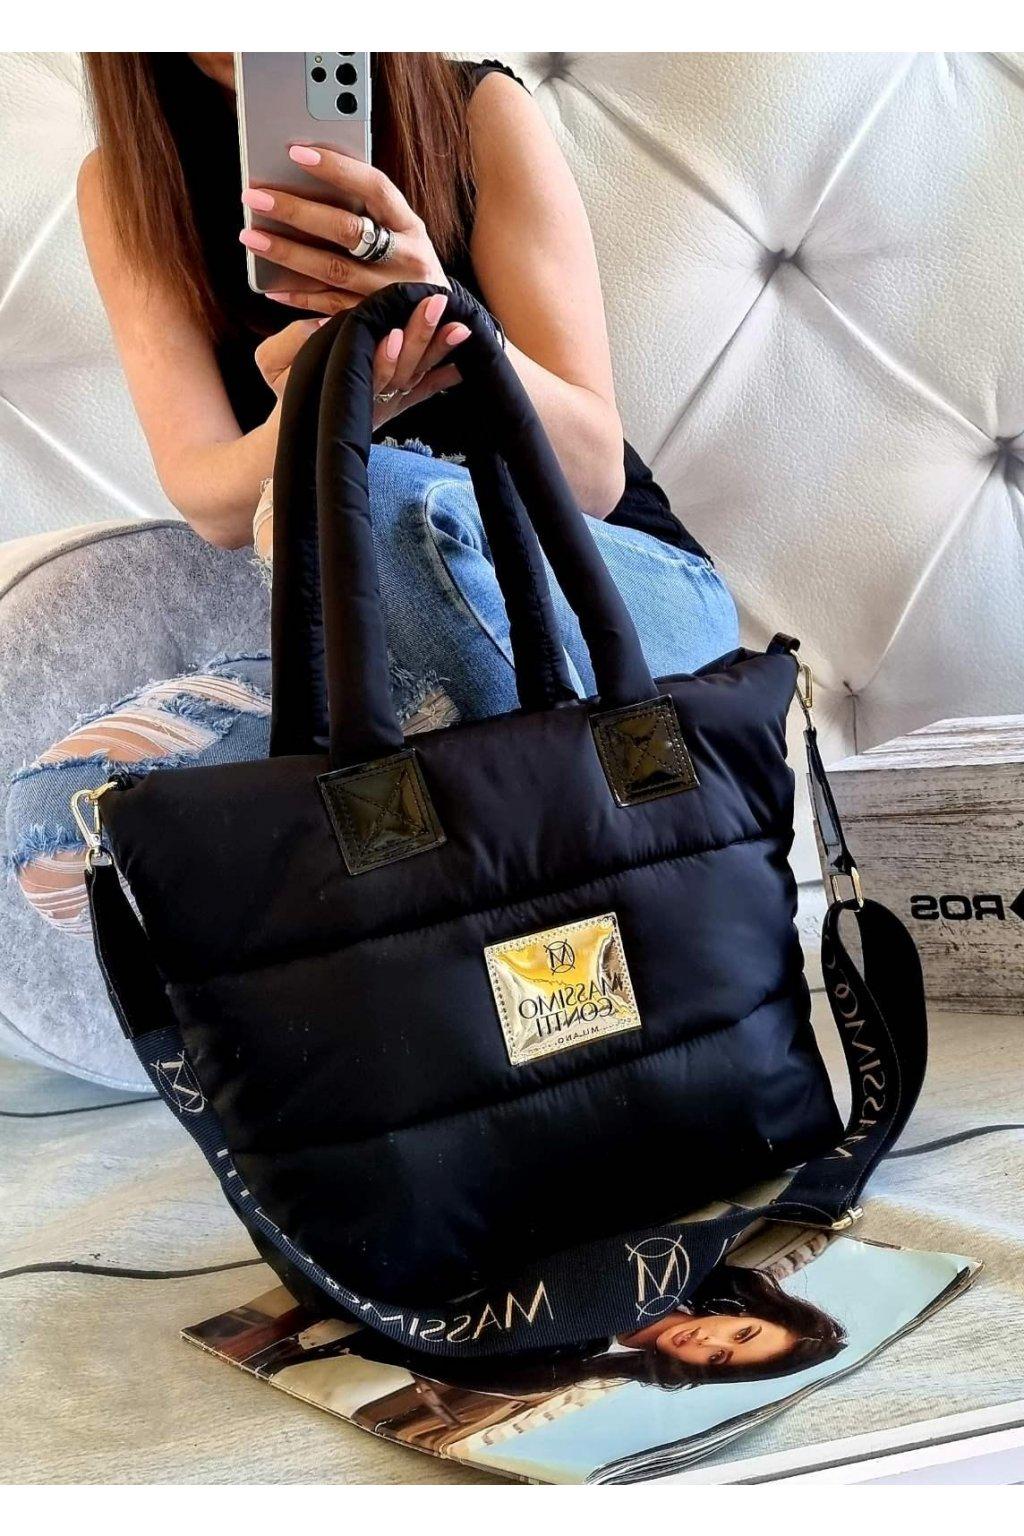 Massimo contti italy fashion trendy luxusní značková kabelka černá black